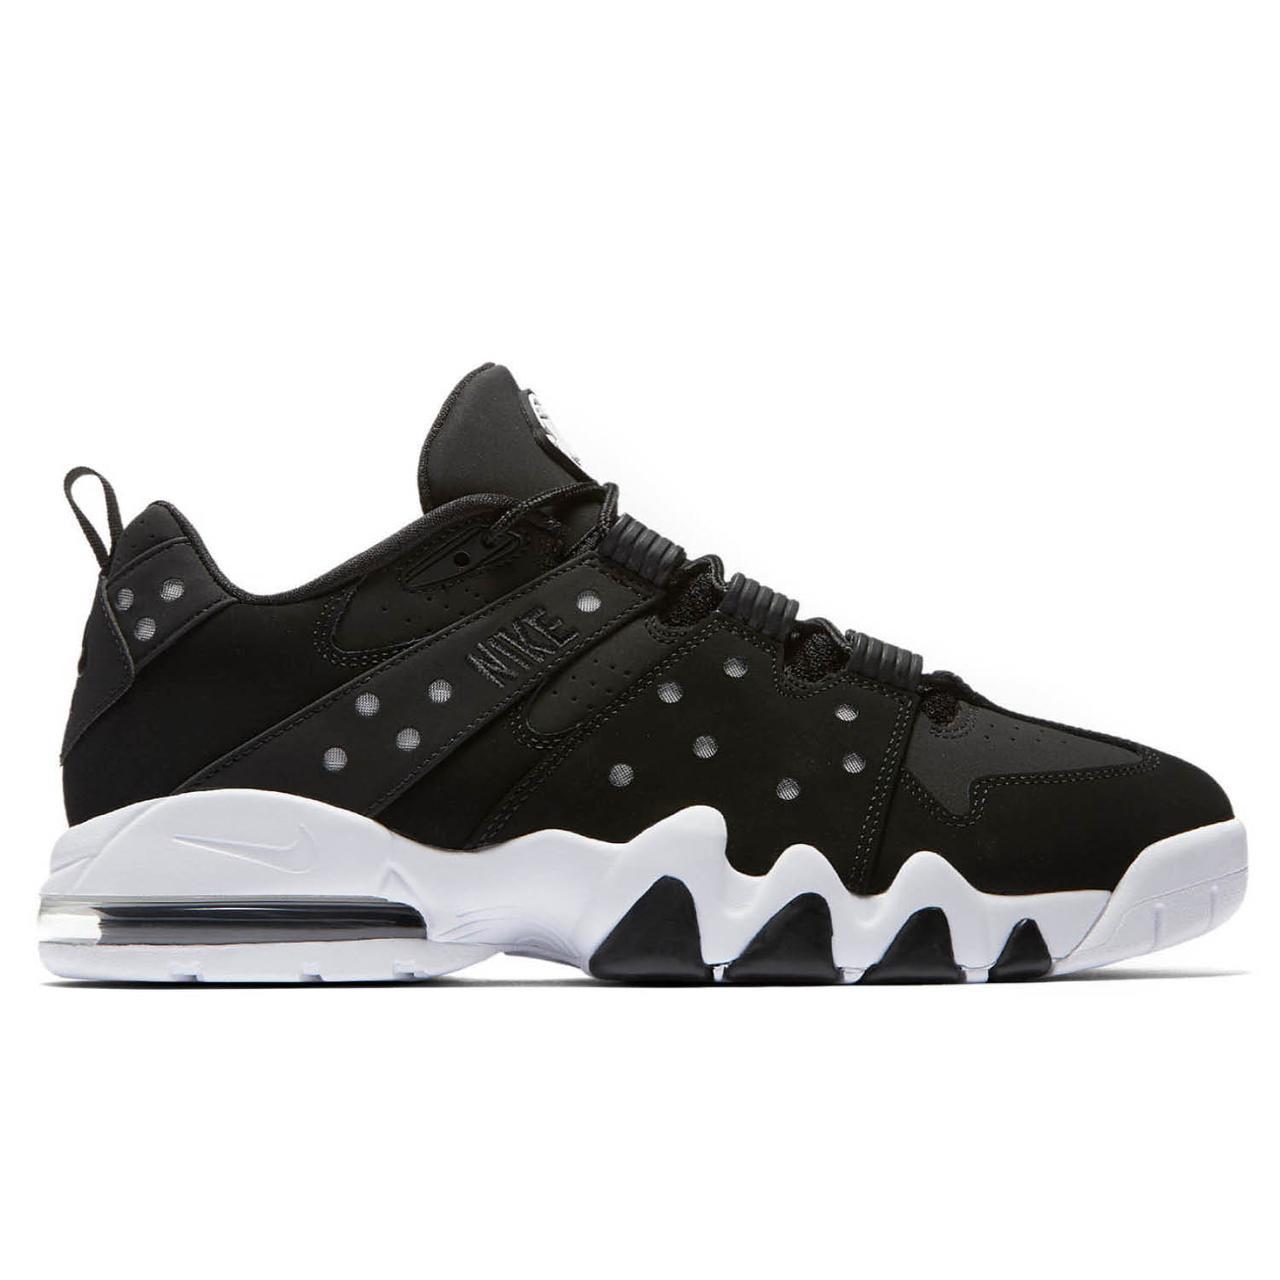 d3d1788f3bec Оригинальные кроссовки Nike Air Max2 CB '94